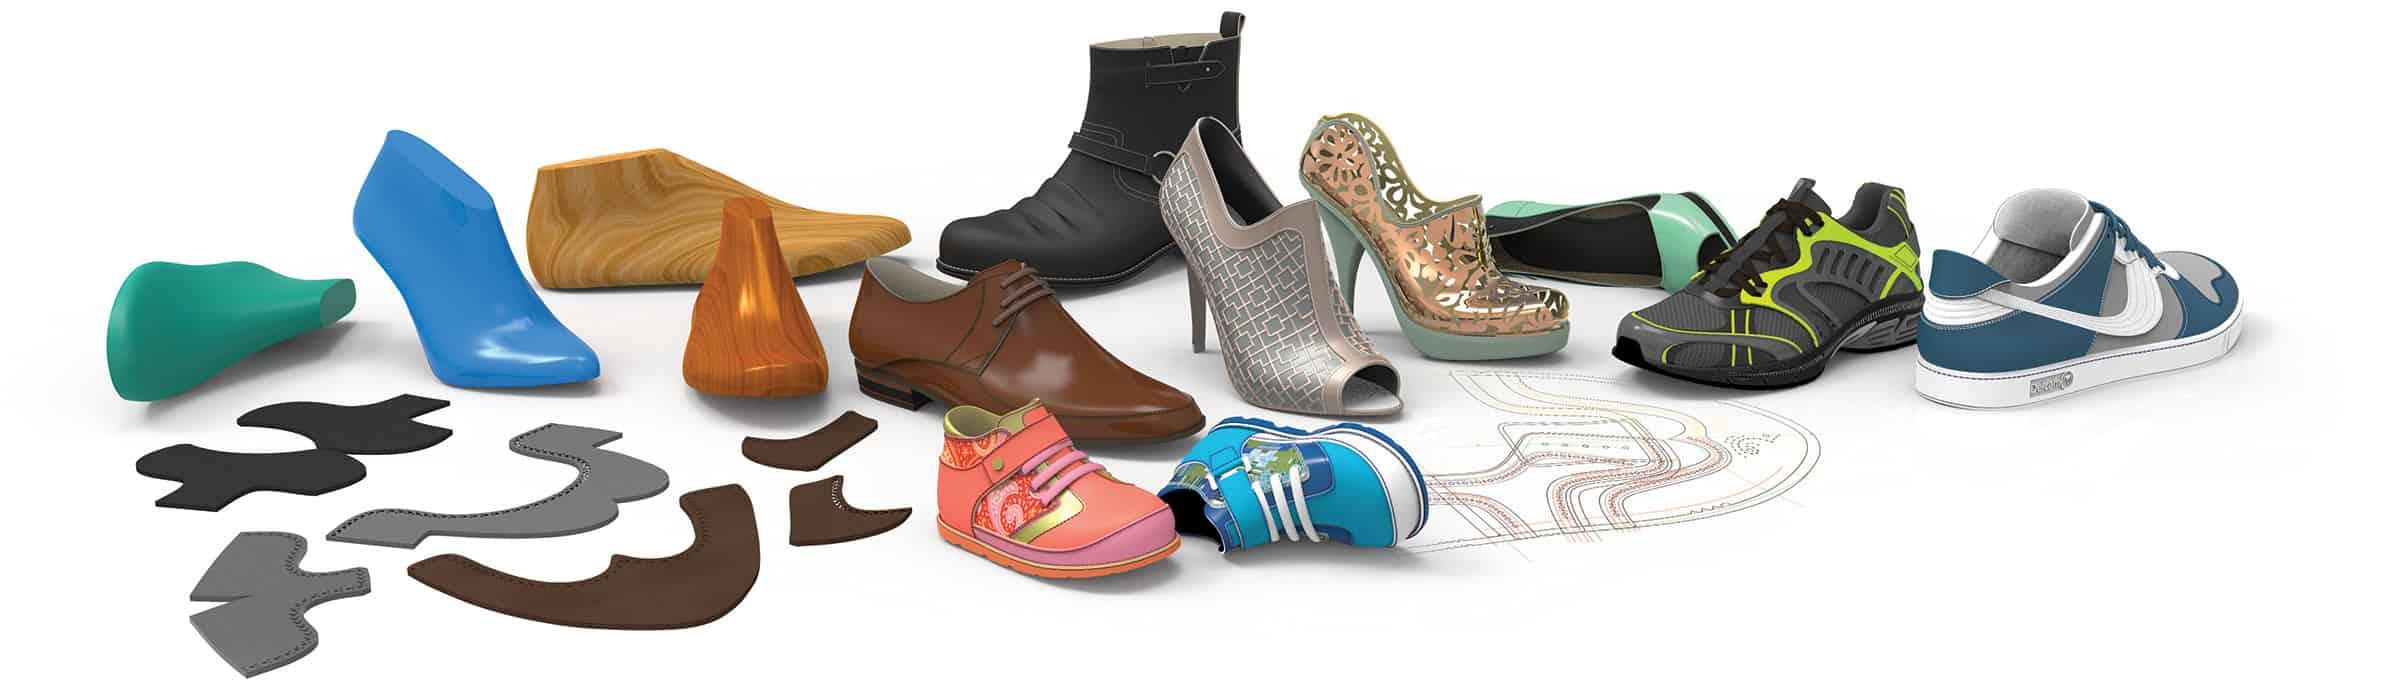 many shoe